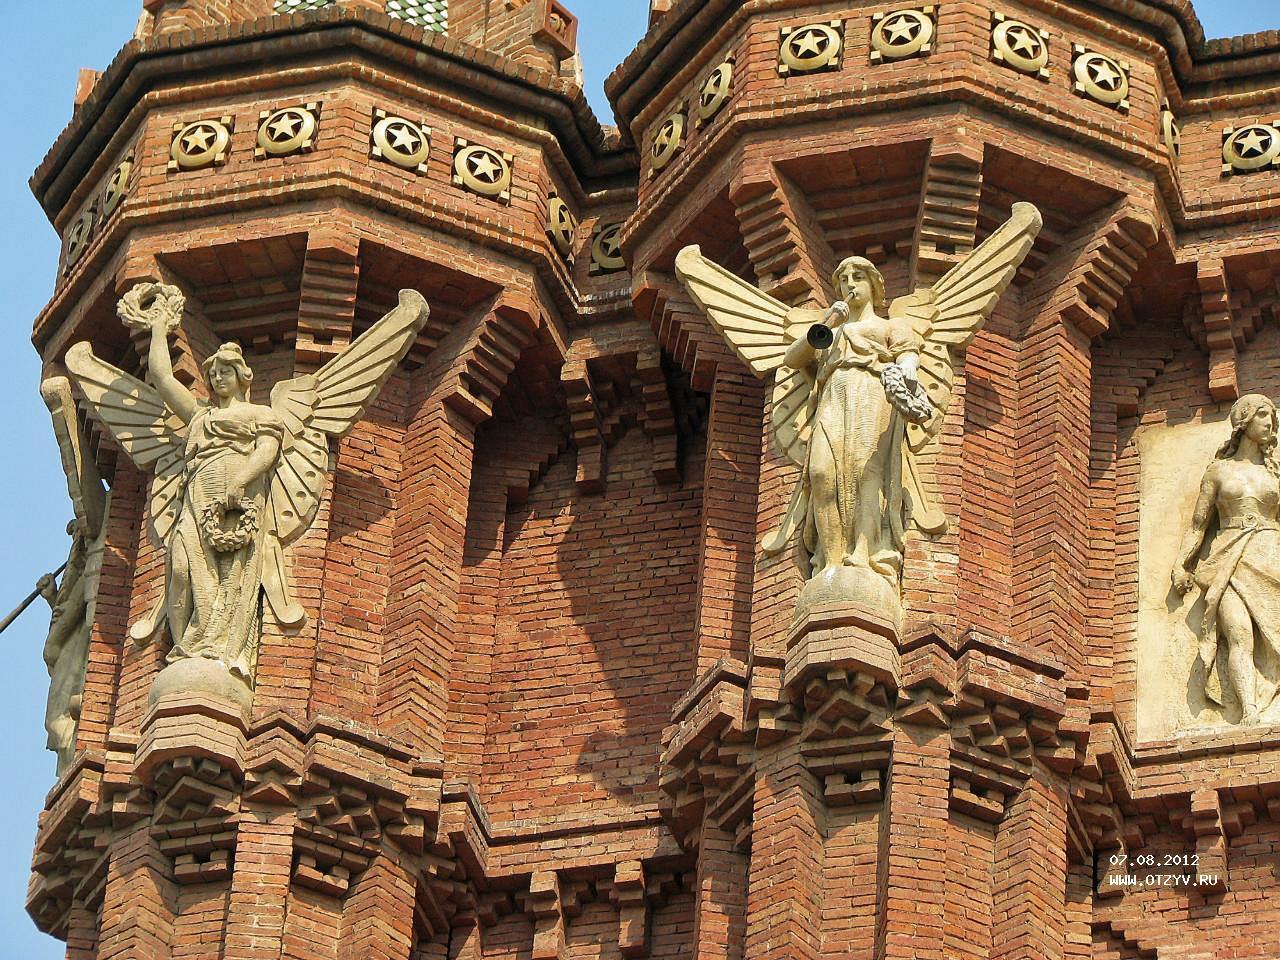 скульптура Вознаграждение Триумфальная арка в Барселоне фотография